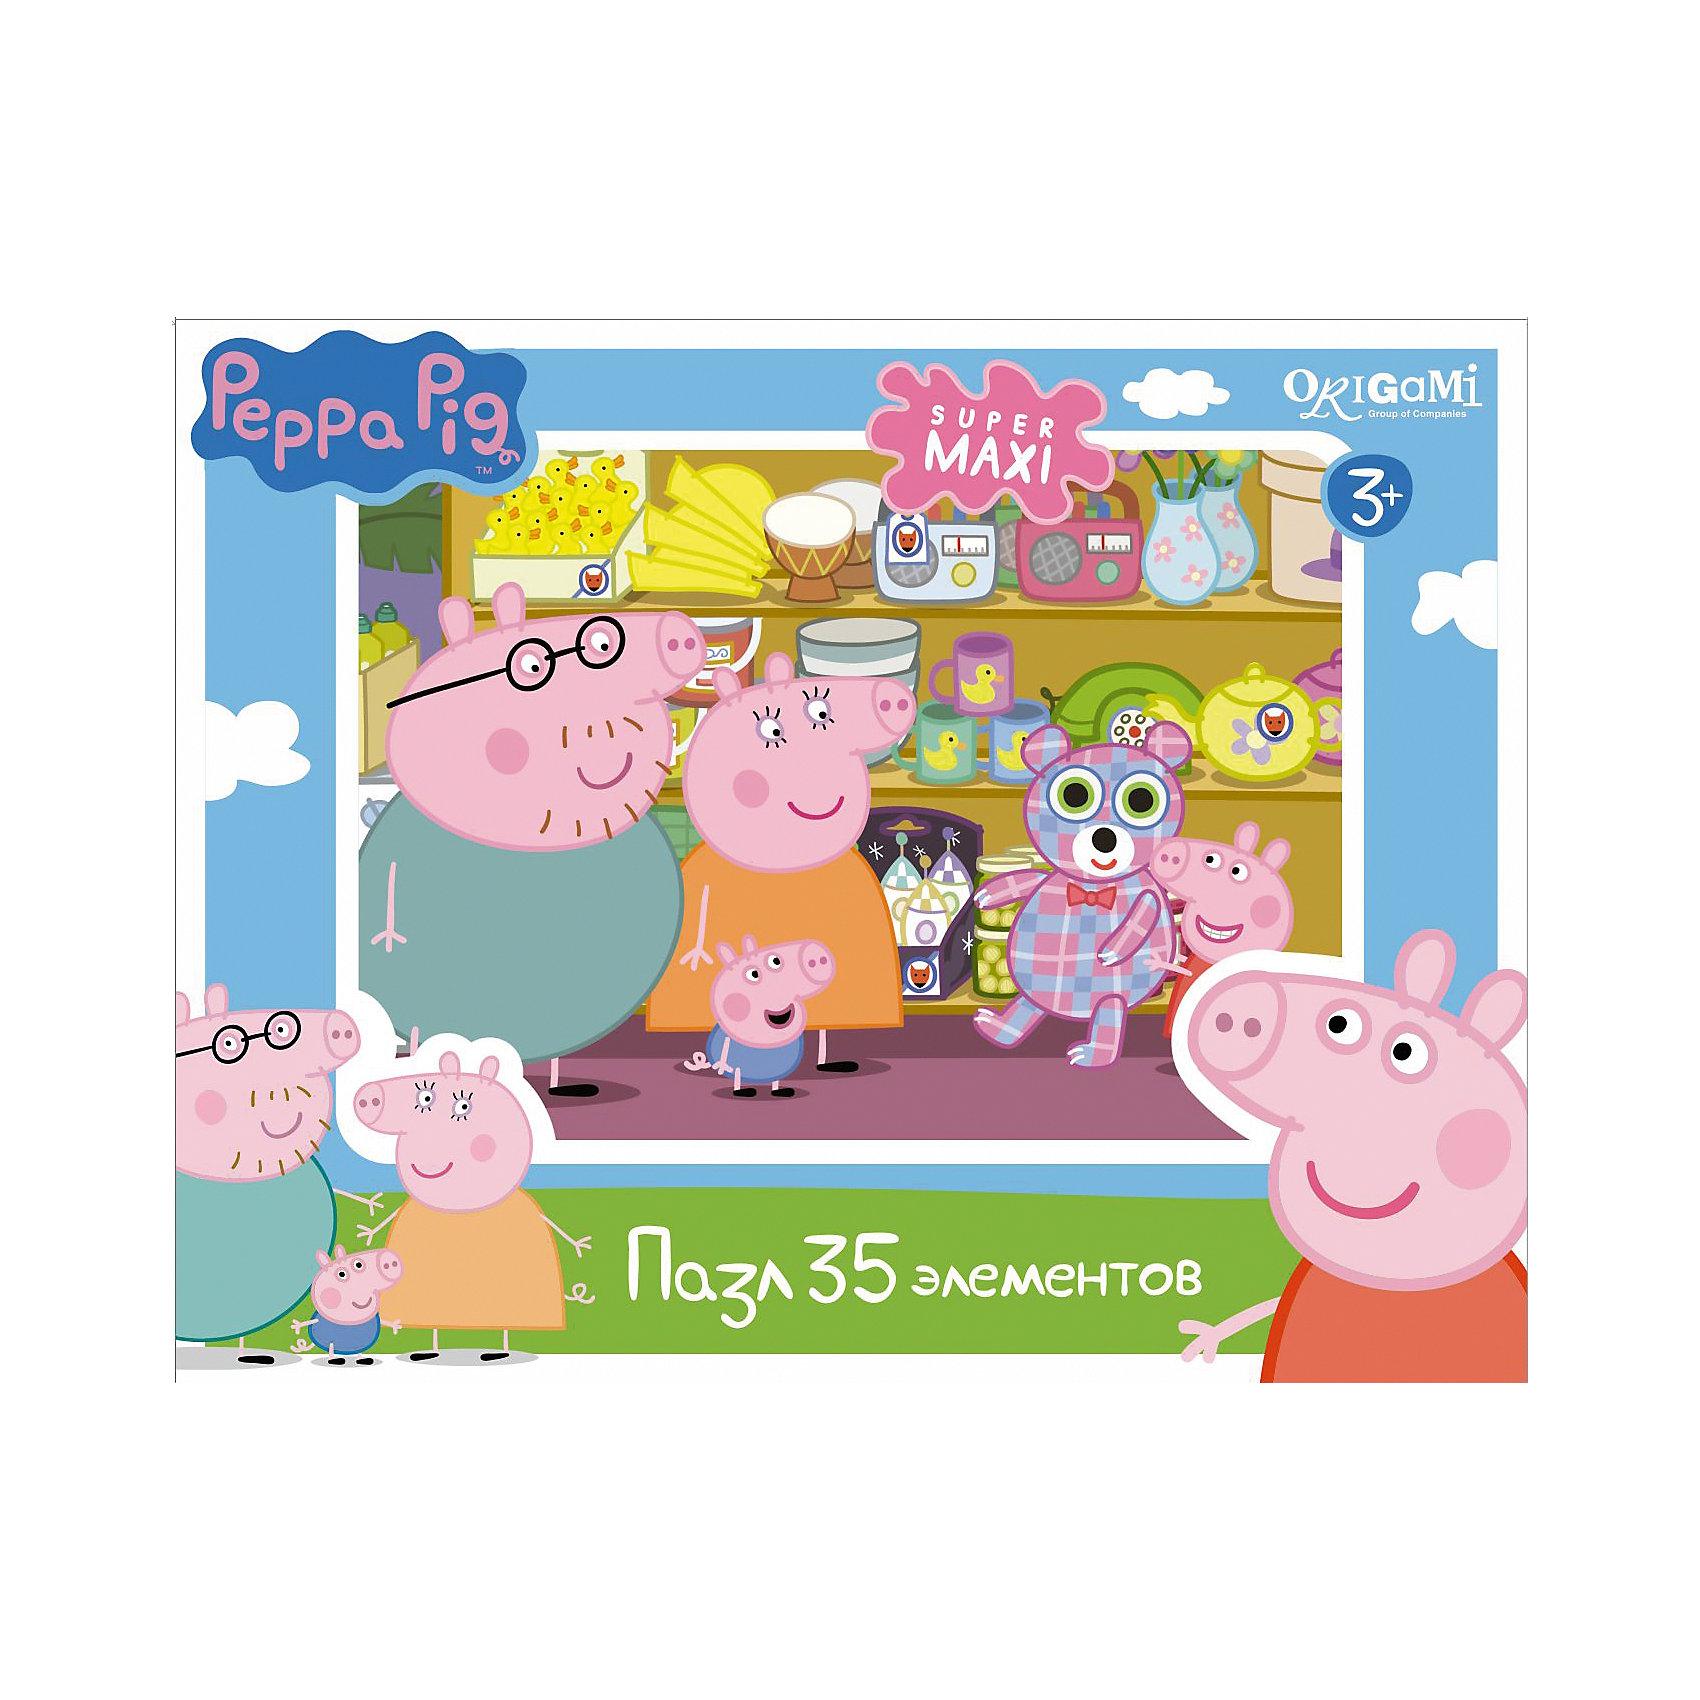 Пазл Магазин игрушек, 35 деталей, Свинка Пеппа, OrigamiПазл Магазин игрушек, Свинка Пеппа, Origami - увлекательный набор для творчества, который заинтересует Вашего малыша и подарит ему отличное настроение. Из деталей пазла он сможет собрать красочную картинку с веселым сюжетом из популярного мультсериала Peppa Pig: семья свинок пришла в магазин игрушек, где Пеппа выбрала большого клетчатого медведя. Пазл отличается высоким качеством полиграфии и насыщенными цветами. Благодаря ламинированному покрытию картинка надолго сохраняет свой блеск и яркие цвета. Плотный картон не дает деталям мяться и обеспечивает надежное соединение. Собирание пазла способствует развитию логического и пространственного мышления, внимания, мелкой моторики и координации движений.<br><br>Дополнительная информация:<br><br>- Материал: картон. <br>- Количество деталей: 35.<br>- Размер собранной картинки: 33 х 47 см.<br>- Размер упаковки: 29 x 19 x 4 см.<br>- Вес: 226 гр.<br> <br>Пазл Магазин игрушек, 35 деталей, Свинка Пеппа, Origami, можно купить в нашем интернет-магазине.<br><br>Ширина мм: 230<br>Глубина мм: 50<br>Высота мм: 180<br>Вес г: 226<br>Возраст от месяцев: 36<br>Возраст до месяцев: 96<br>Пол: Унисекс<br>Возраст: Детский<br>SKU: 4614938